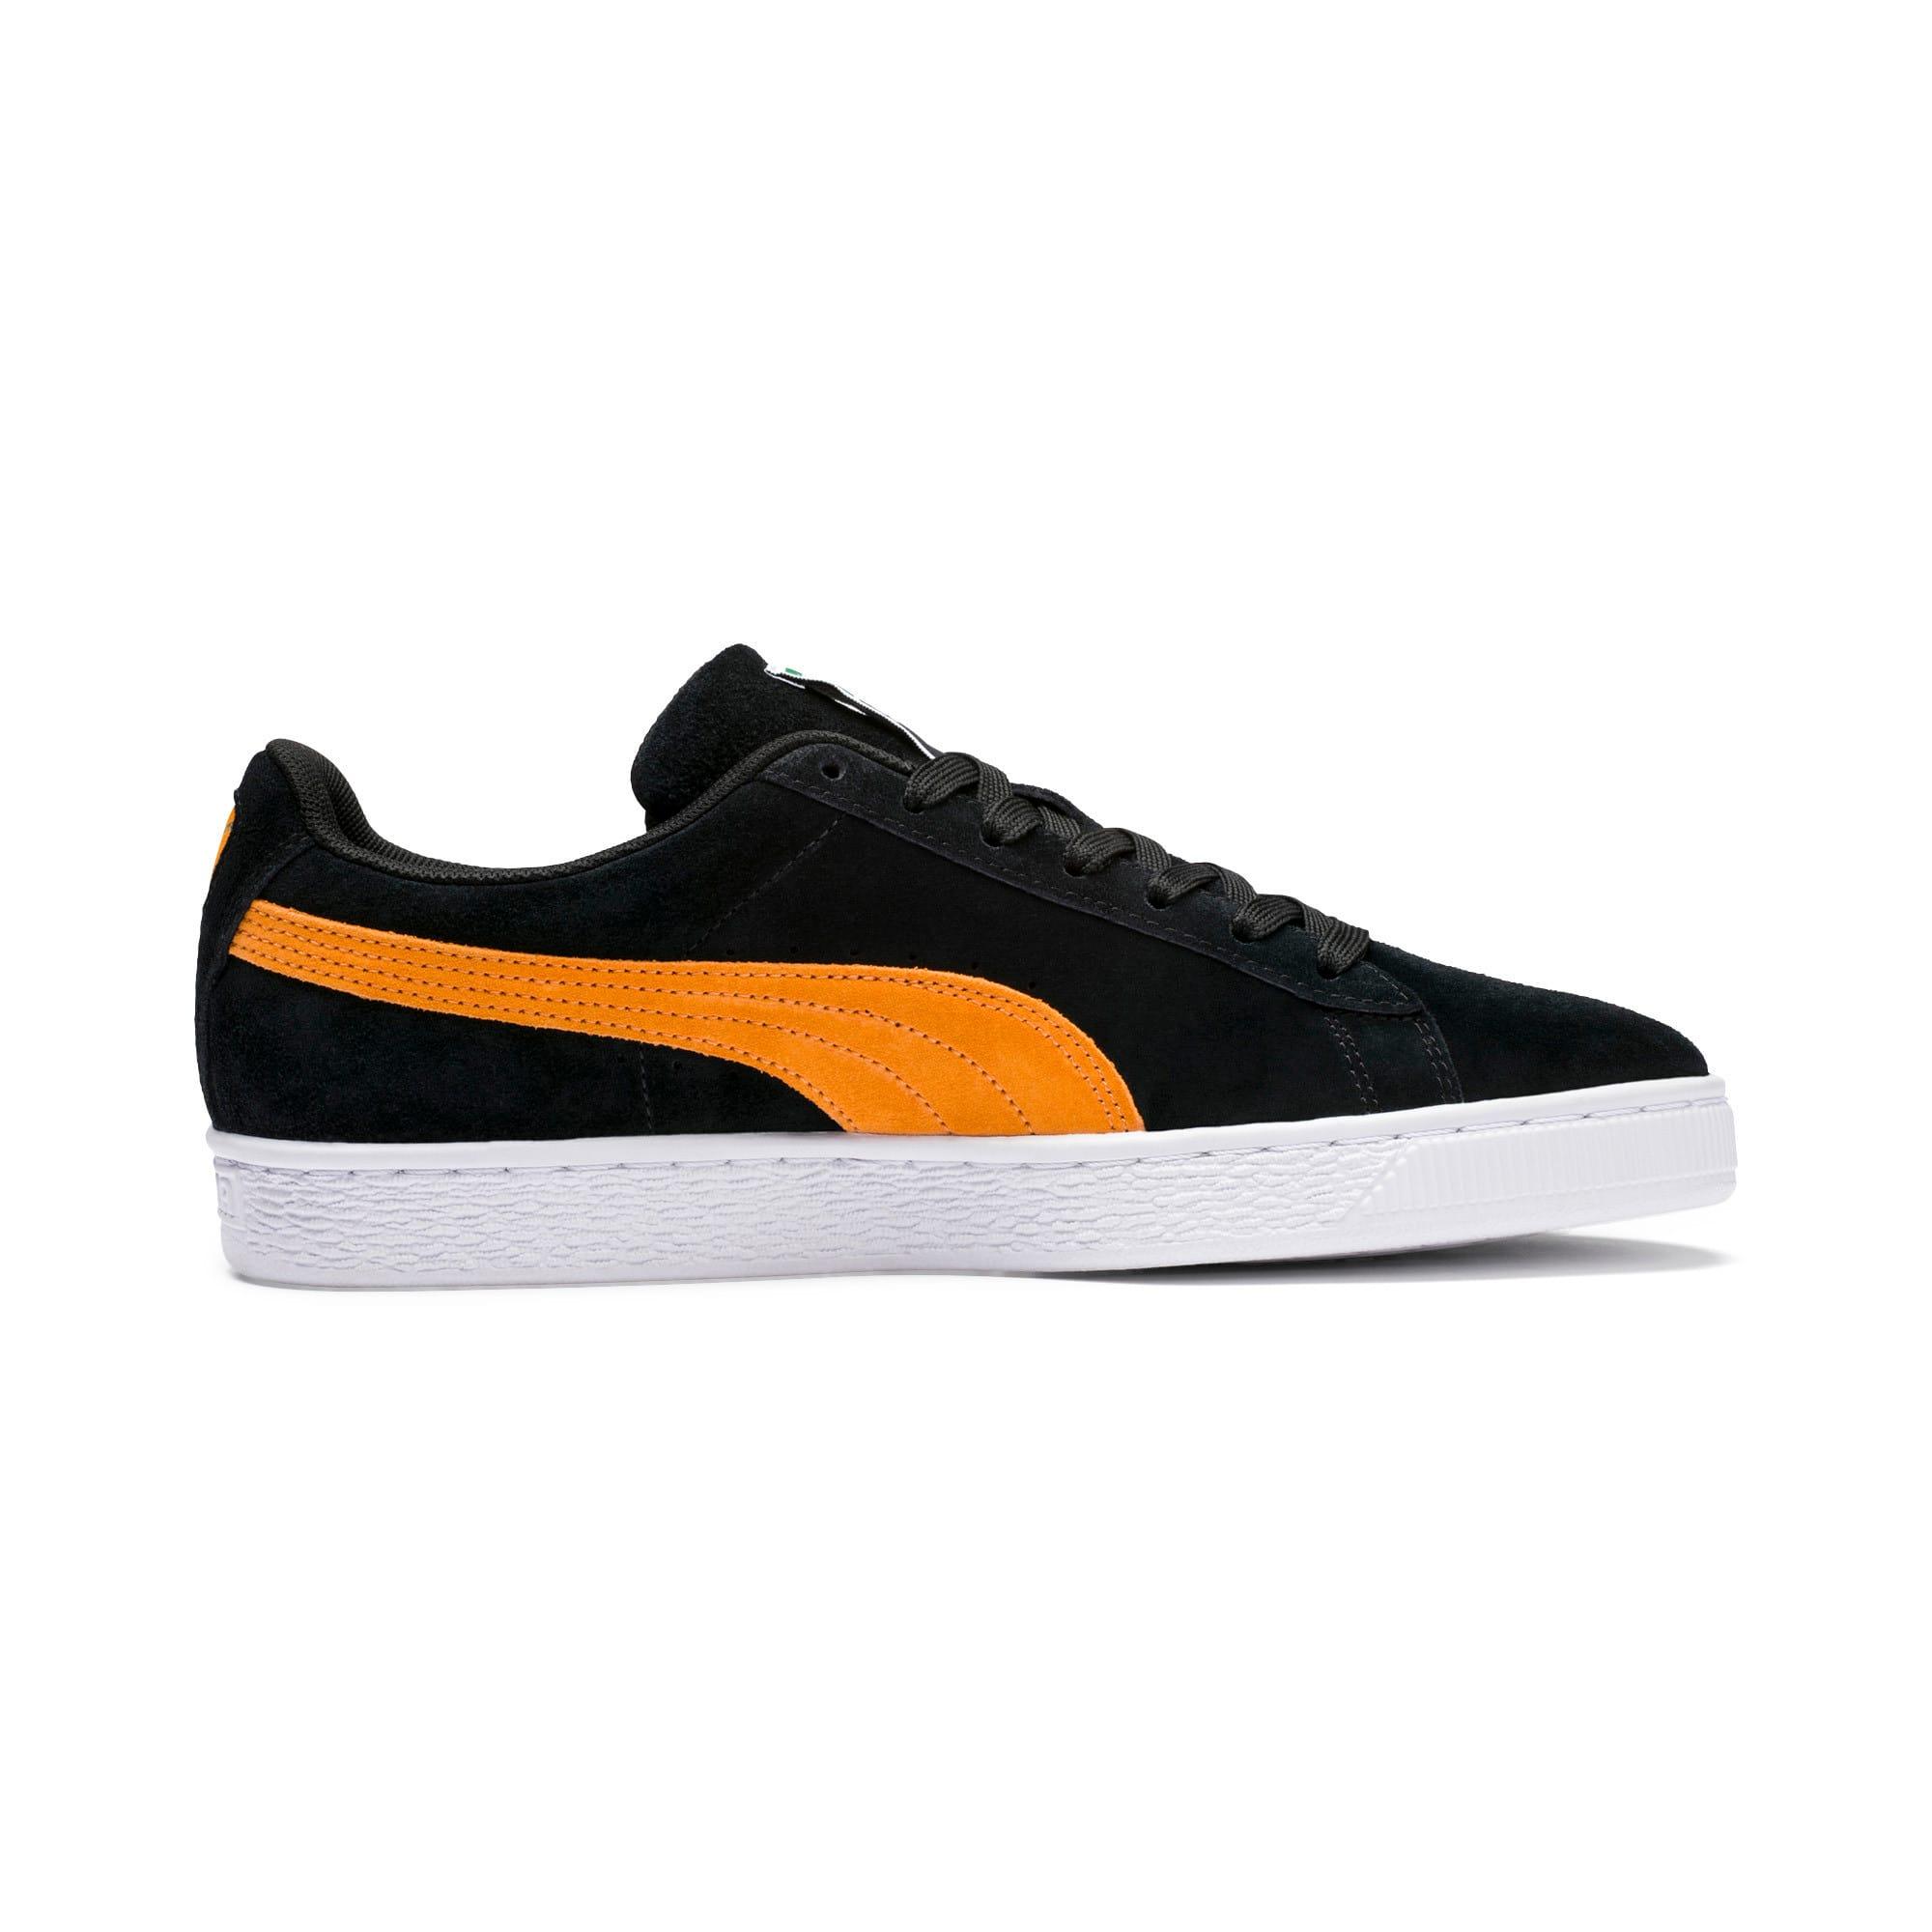 Imagen en miniatura 6 de Zapatillas Suede Classic, Puma Black-Orange Pop, mediana